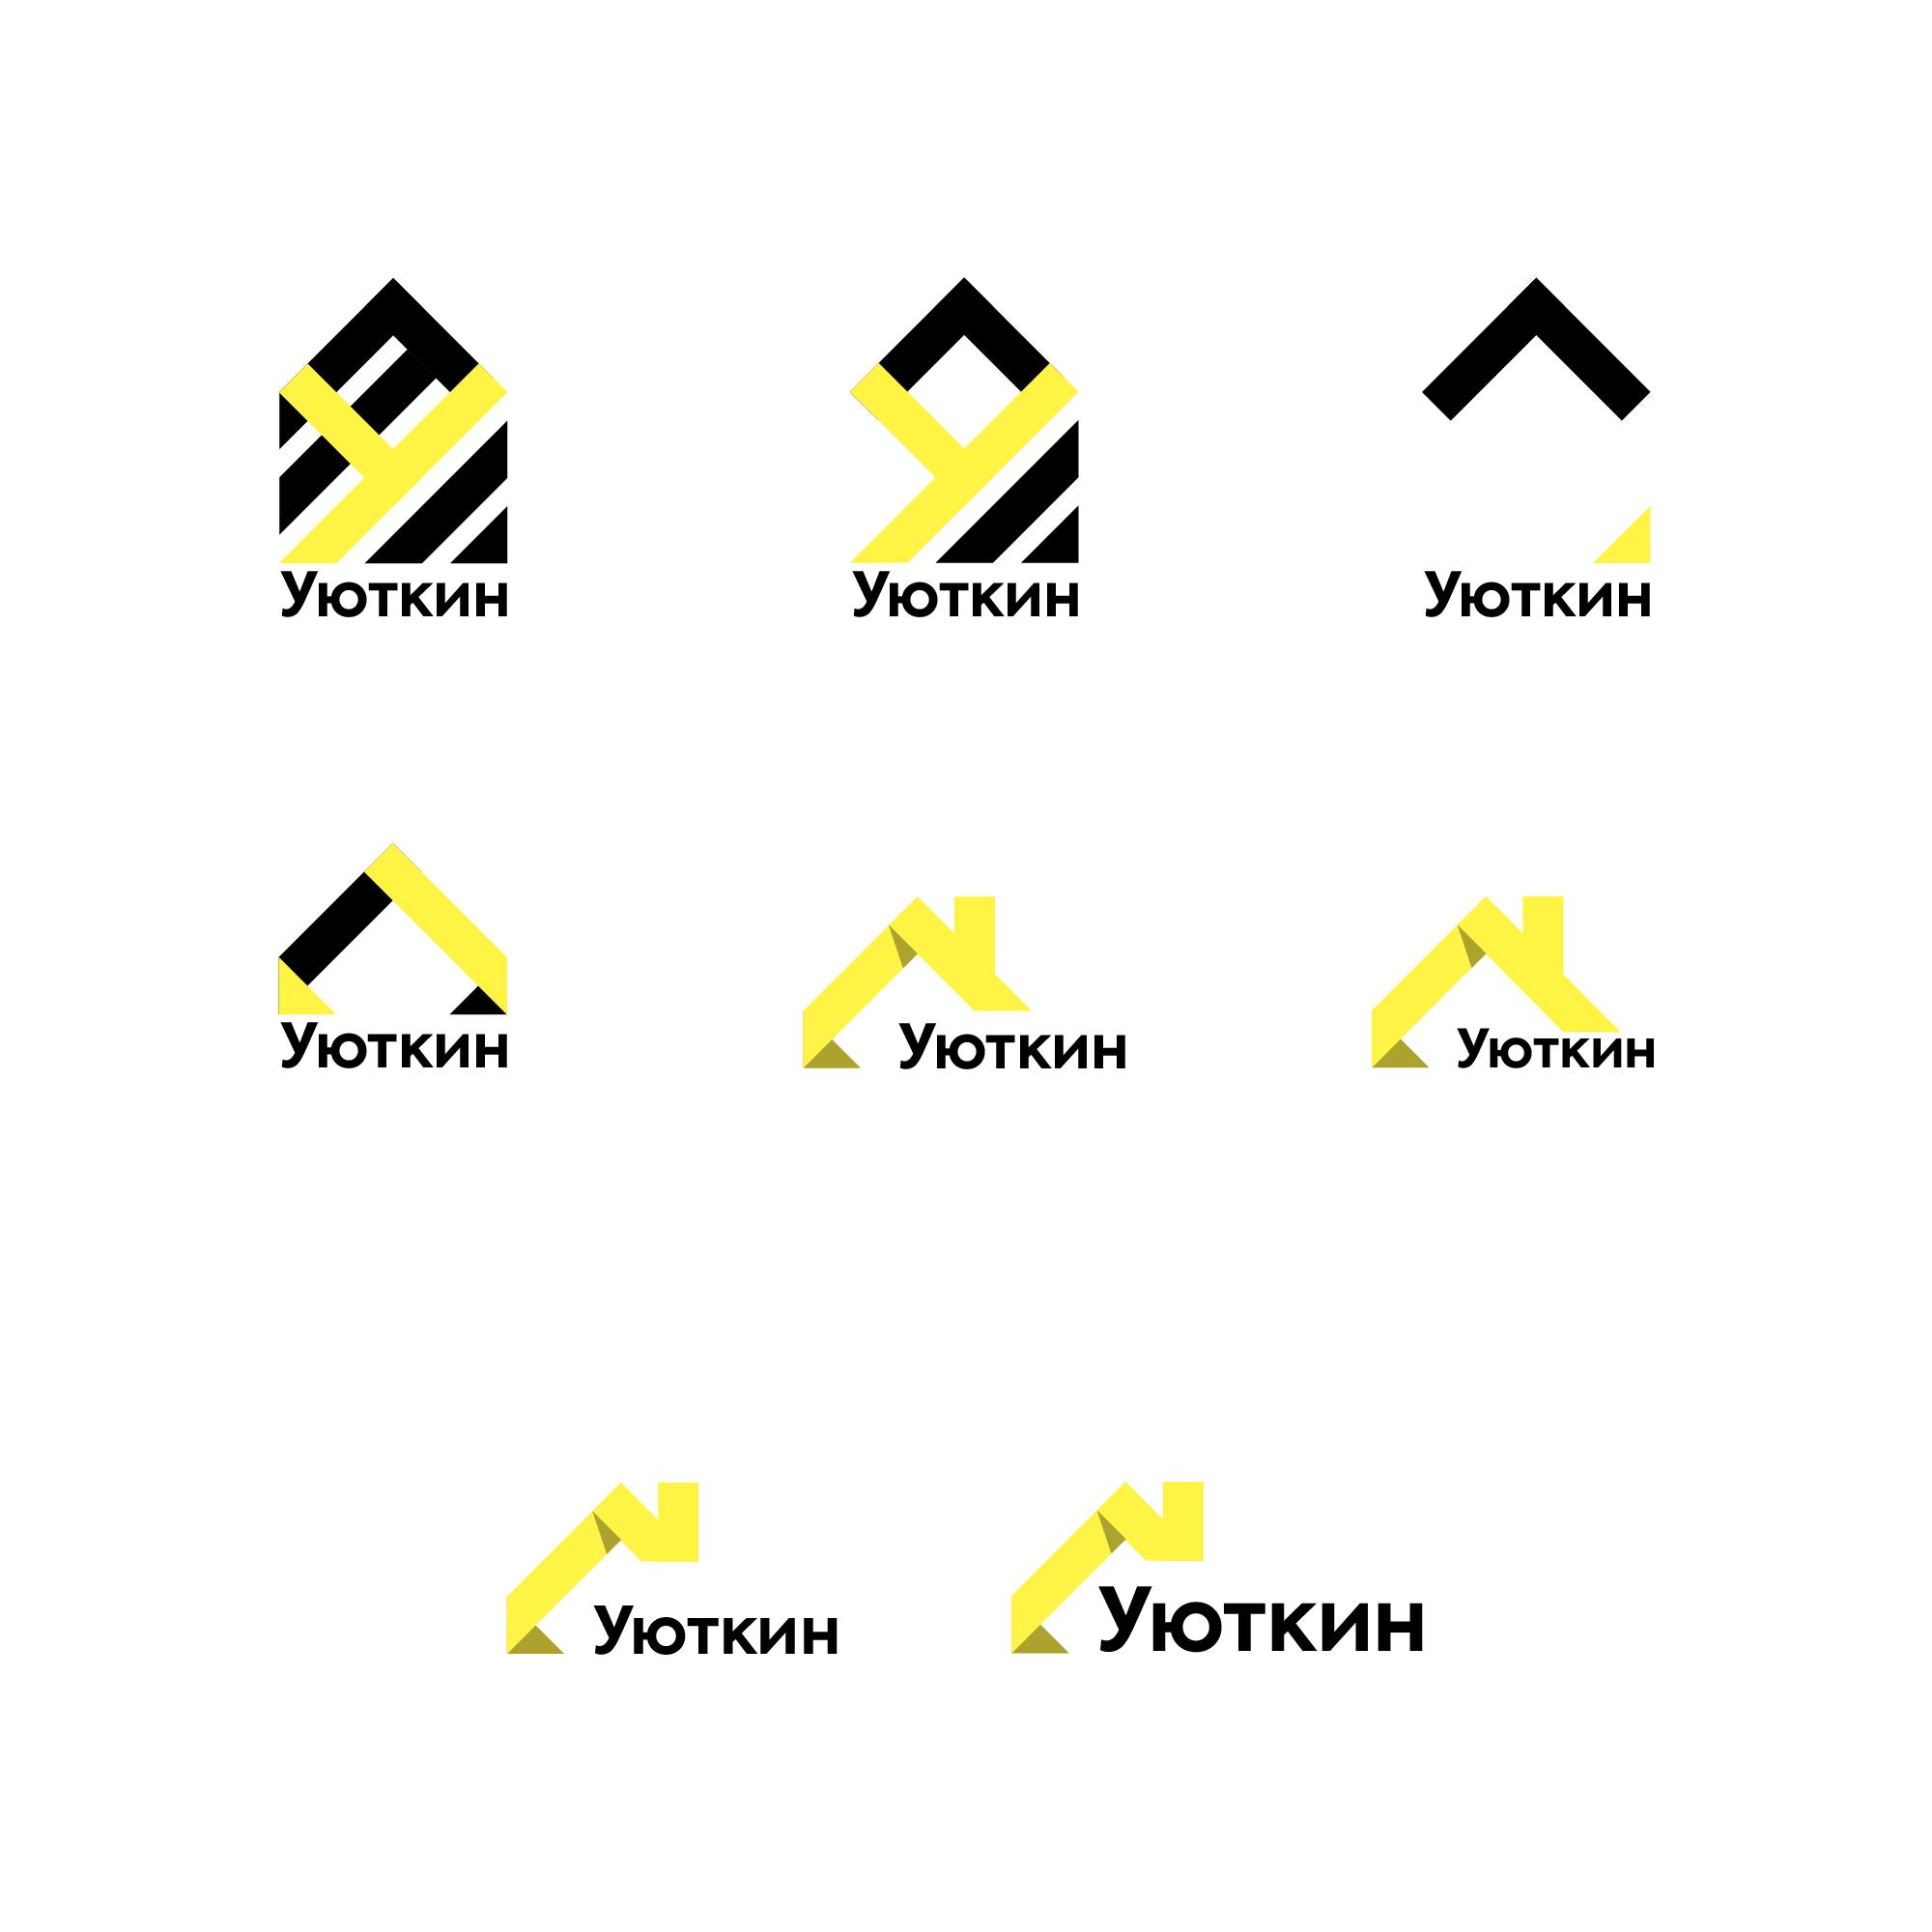 Создание логотипа и стиля сайта фото f_3665c64187737066.png